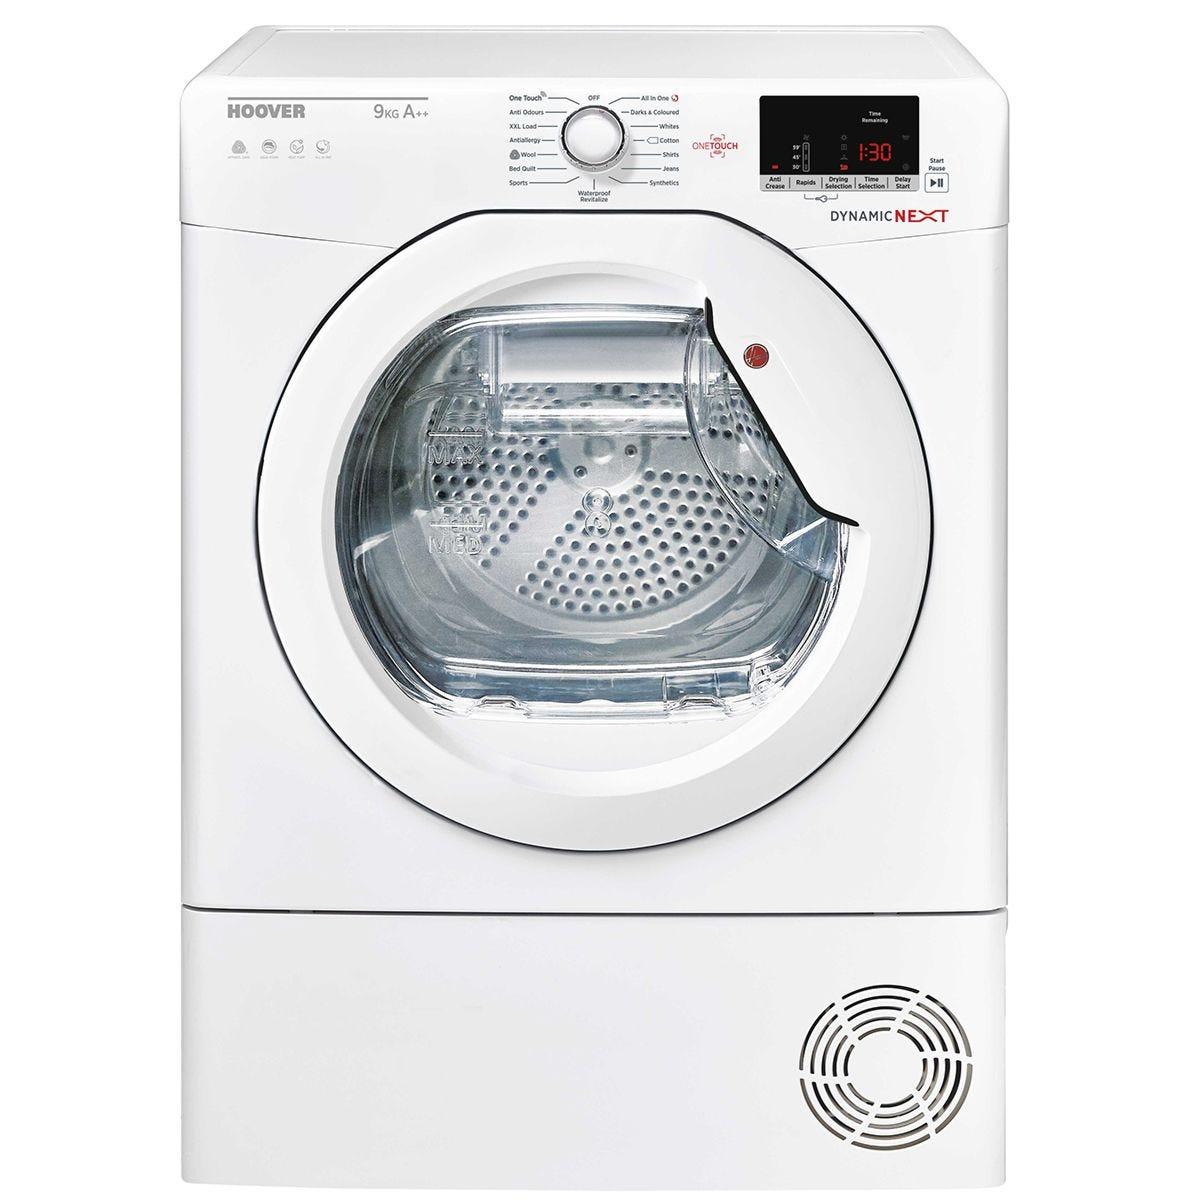 Hoover DXH9A2DE 9kg Dynamic Next Condenser Tumble Dryer - White